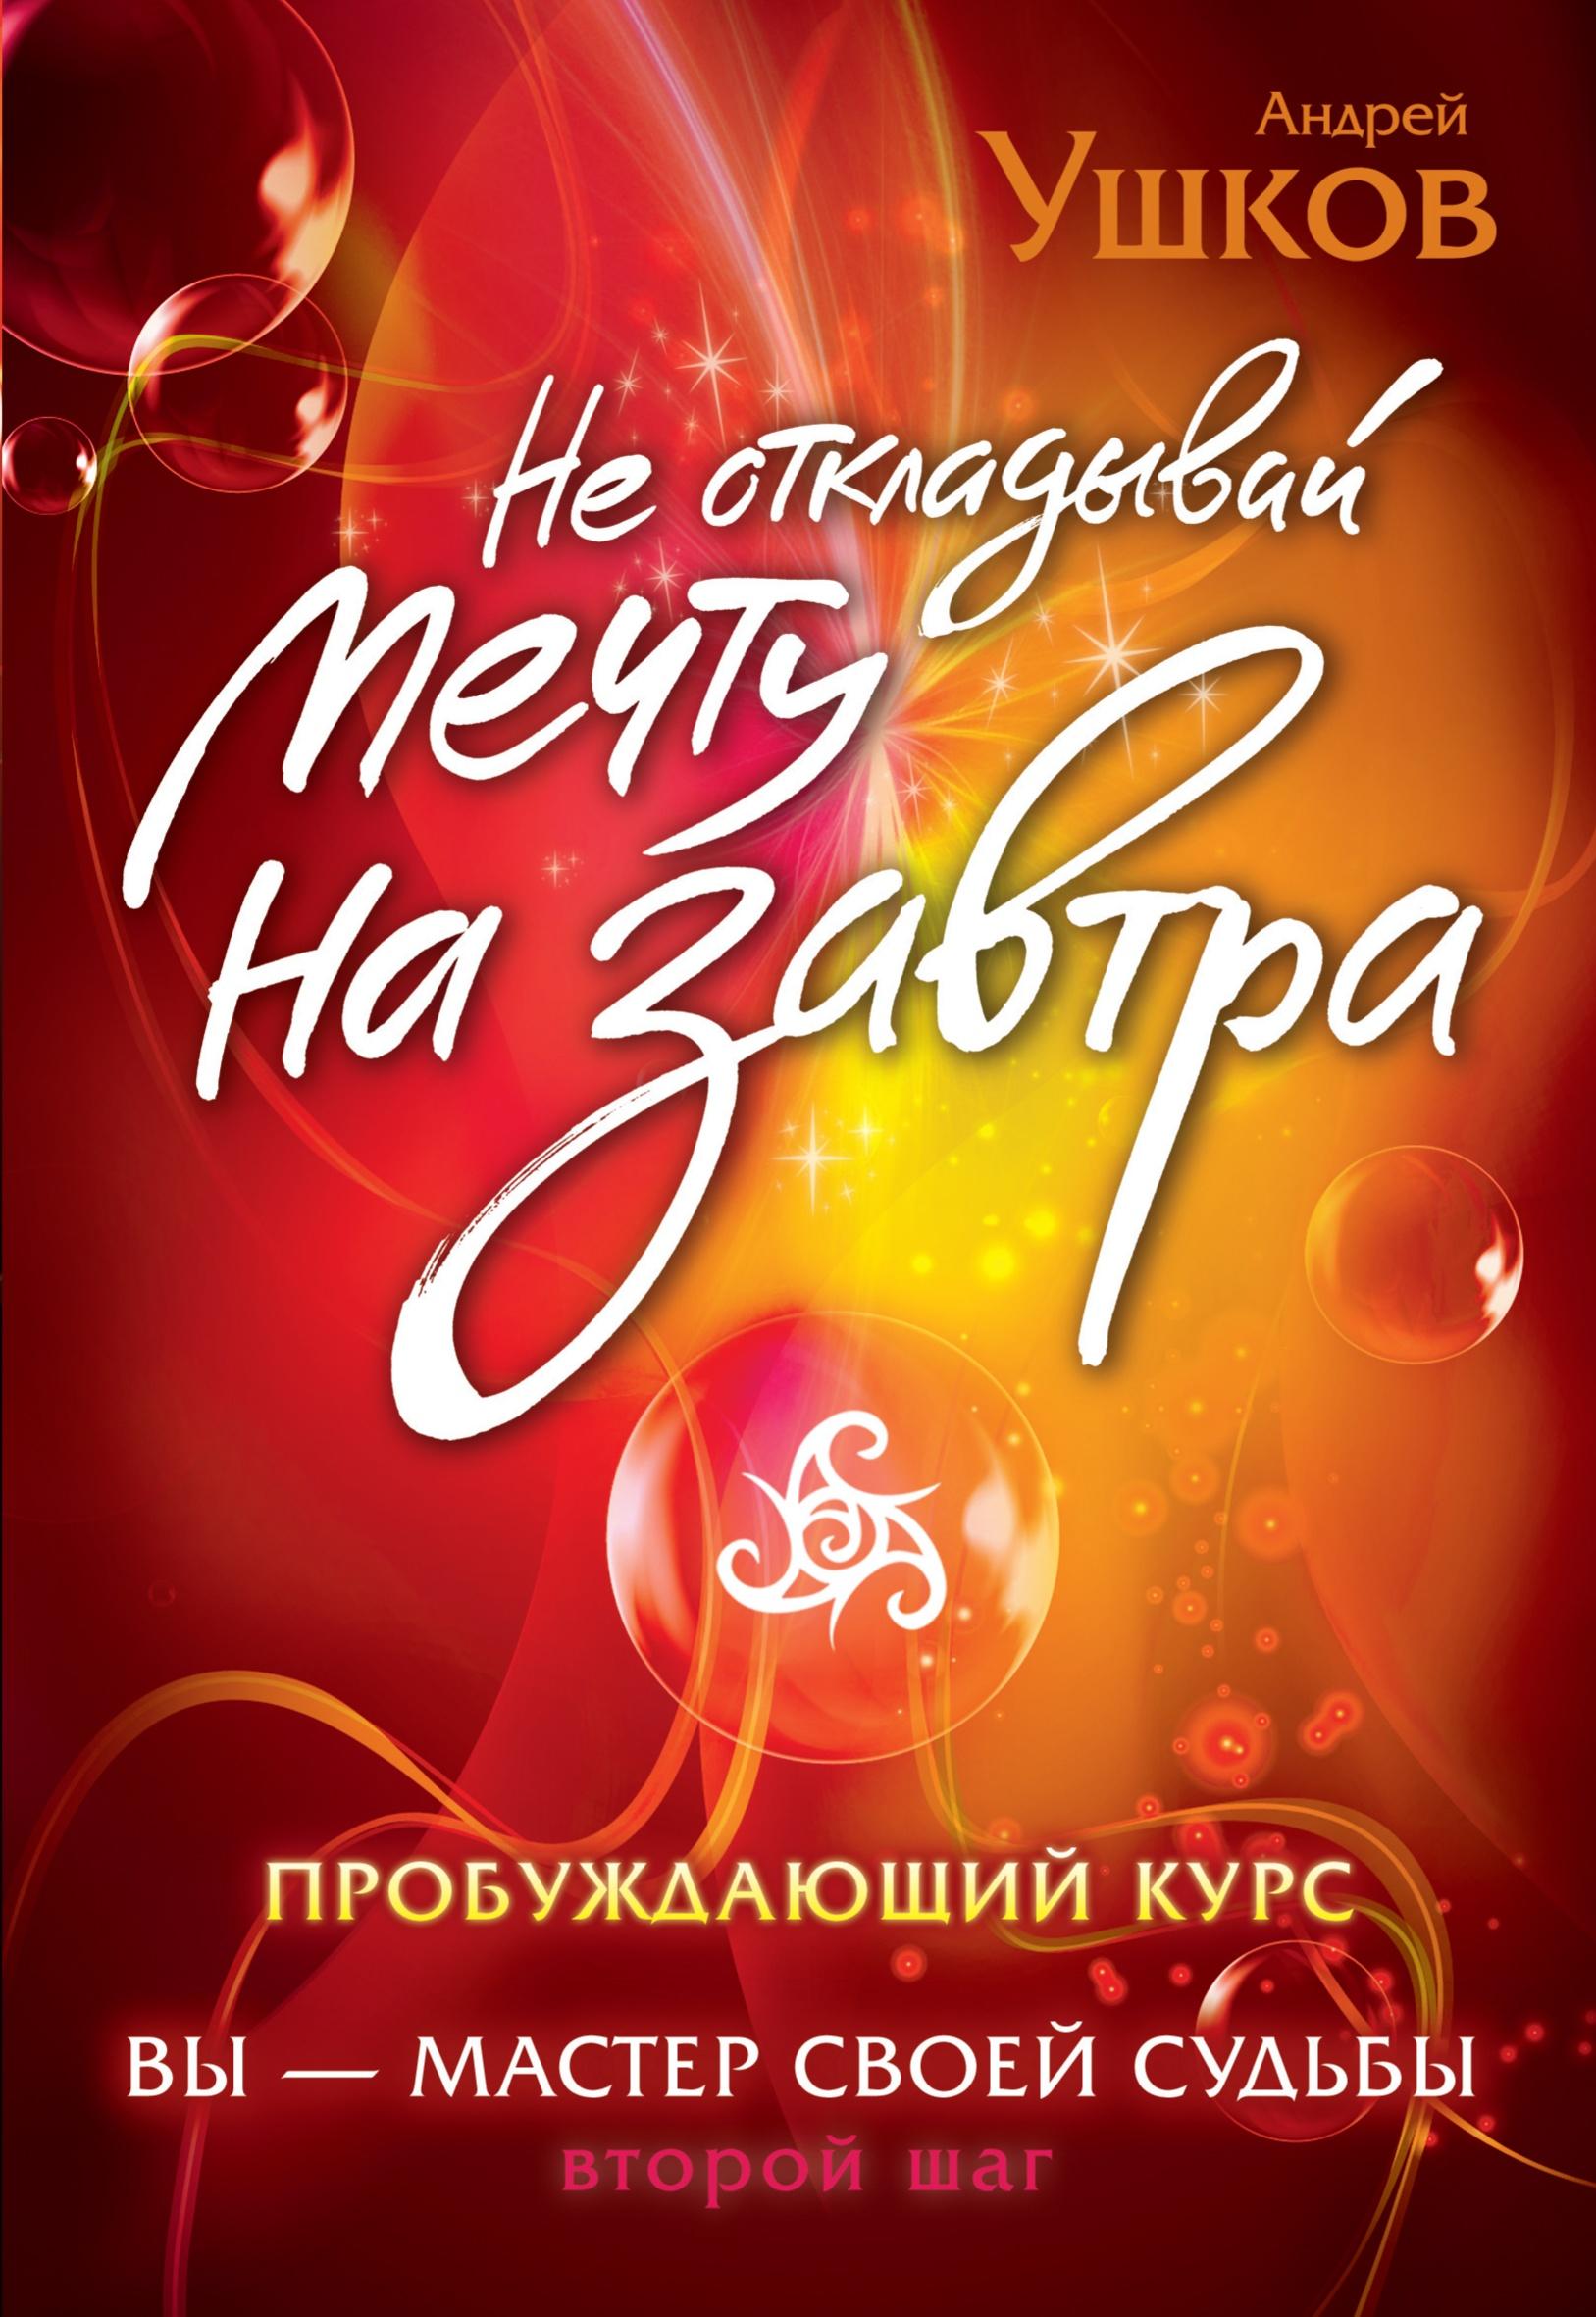 Андрей Ушков Не откладывай мечту на завтра. Пробуждающий курс не откладывай жизнь на завтра мысли на пороге